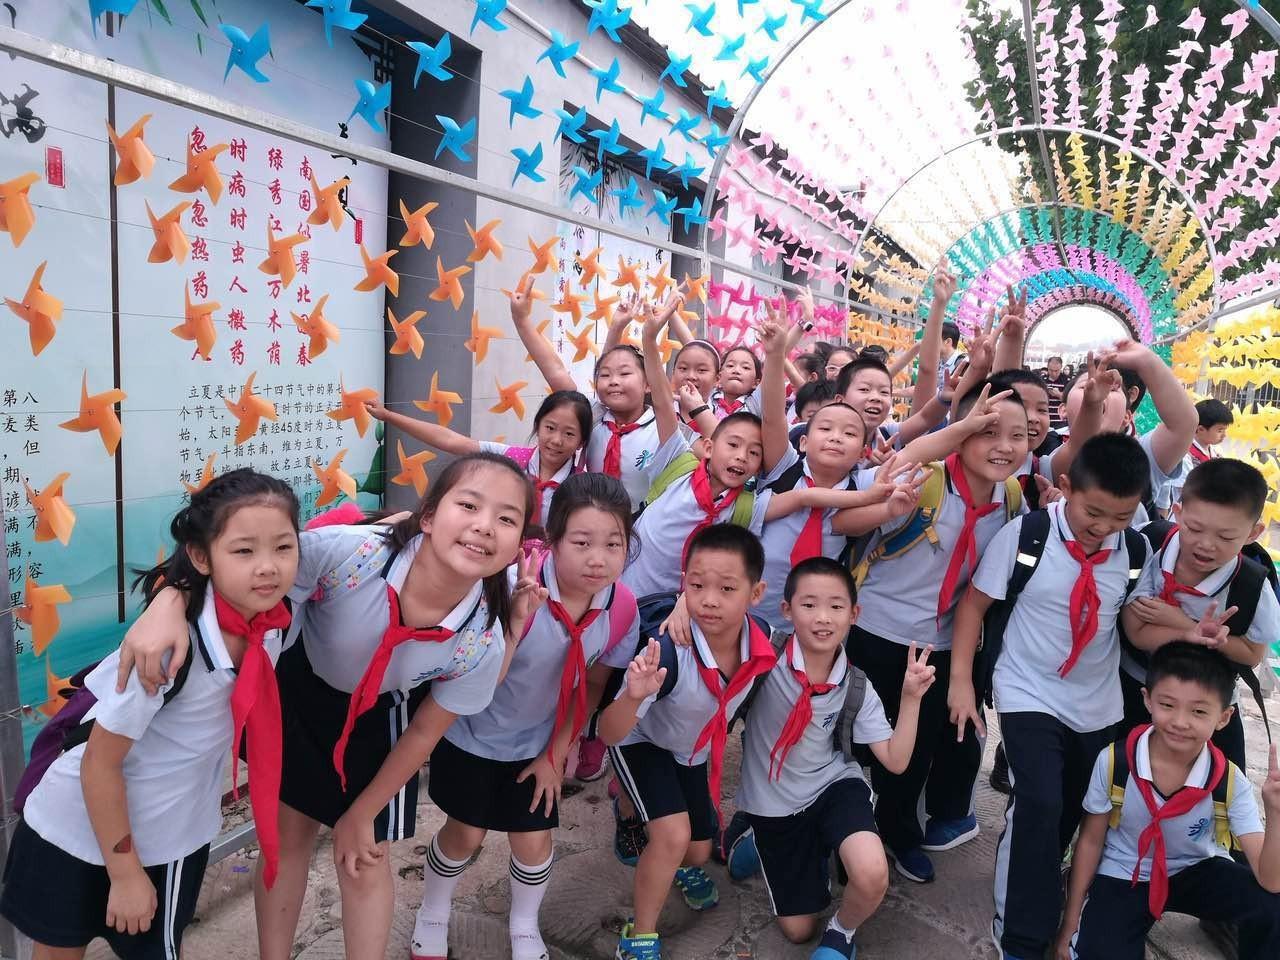 如此惊艳 京城中小学精心打造开学礼迎接新同学